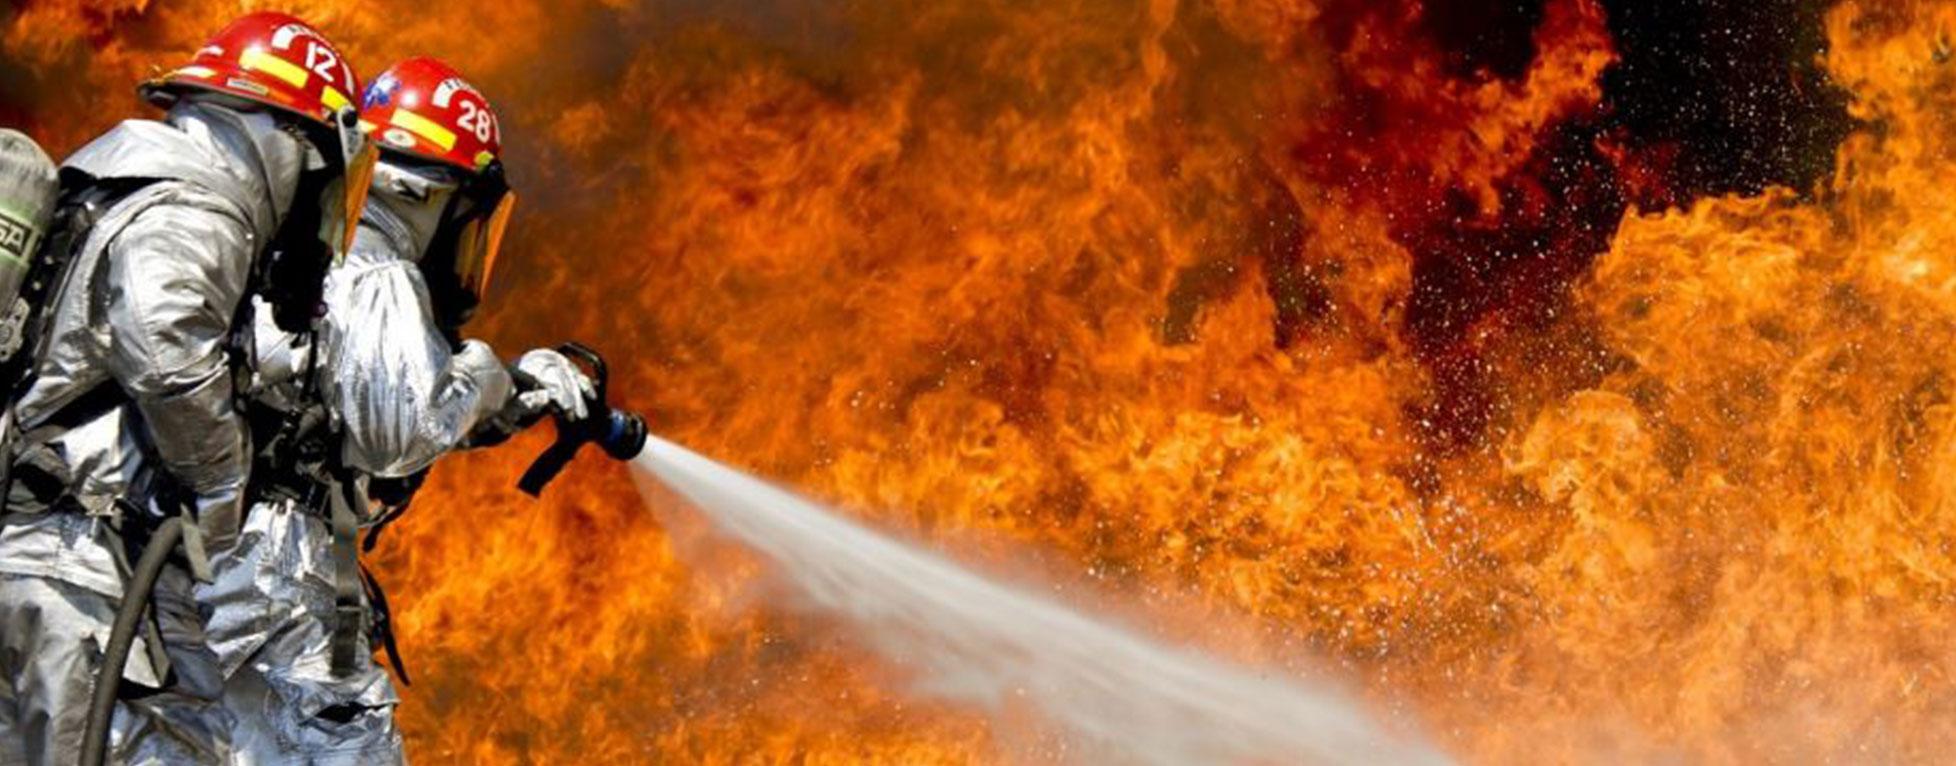 La lutte systématique contre les incendies responsable des feux en Australie ?